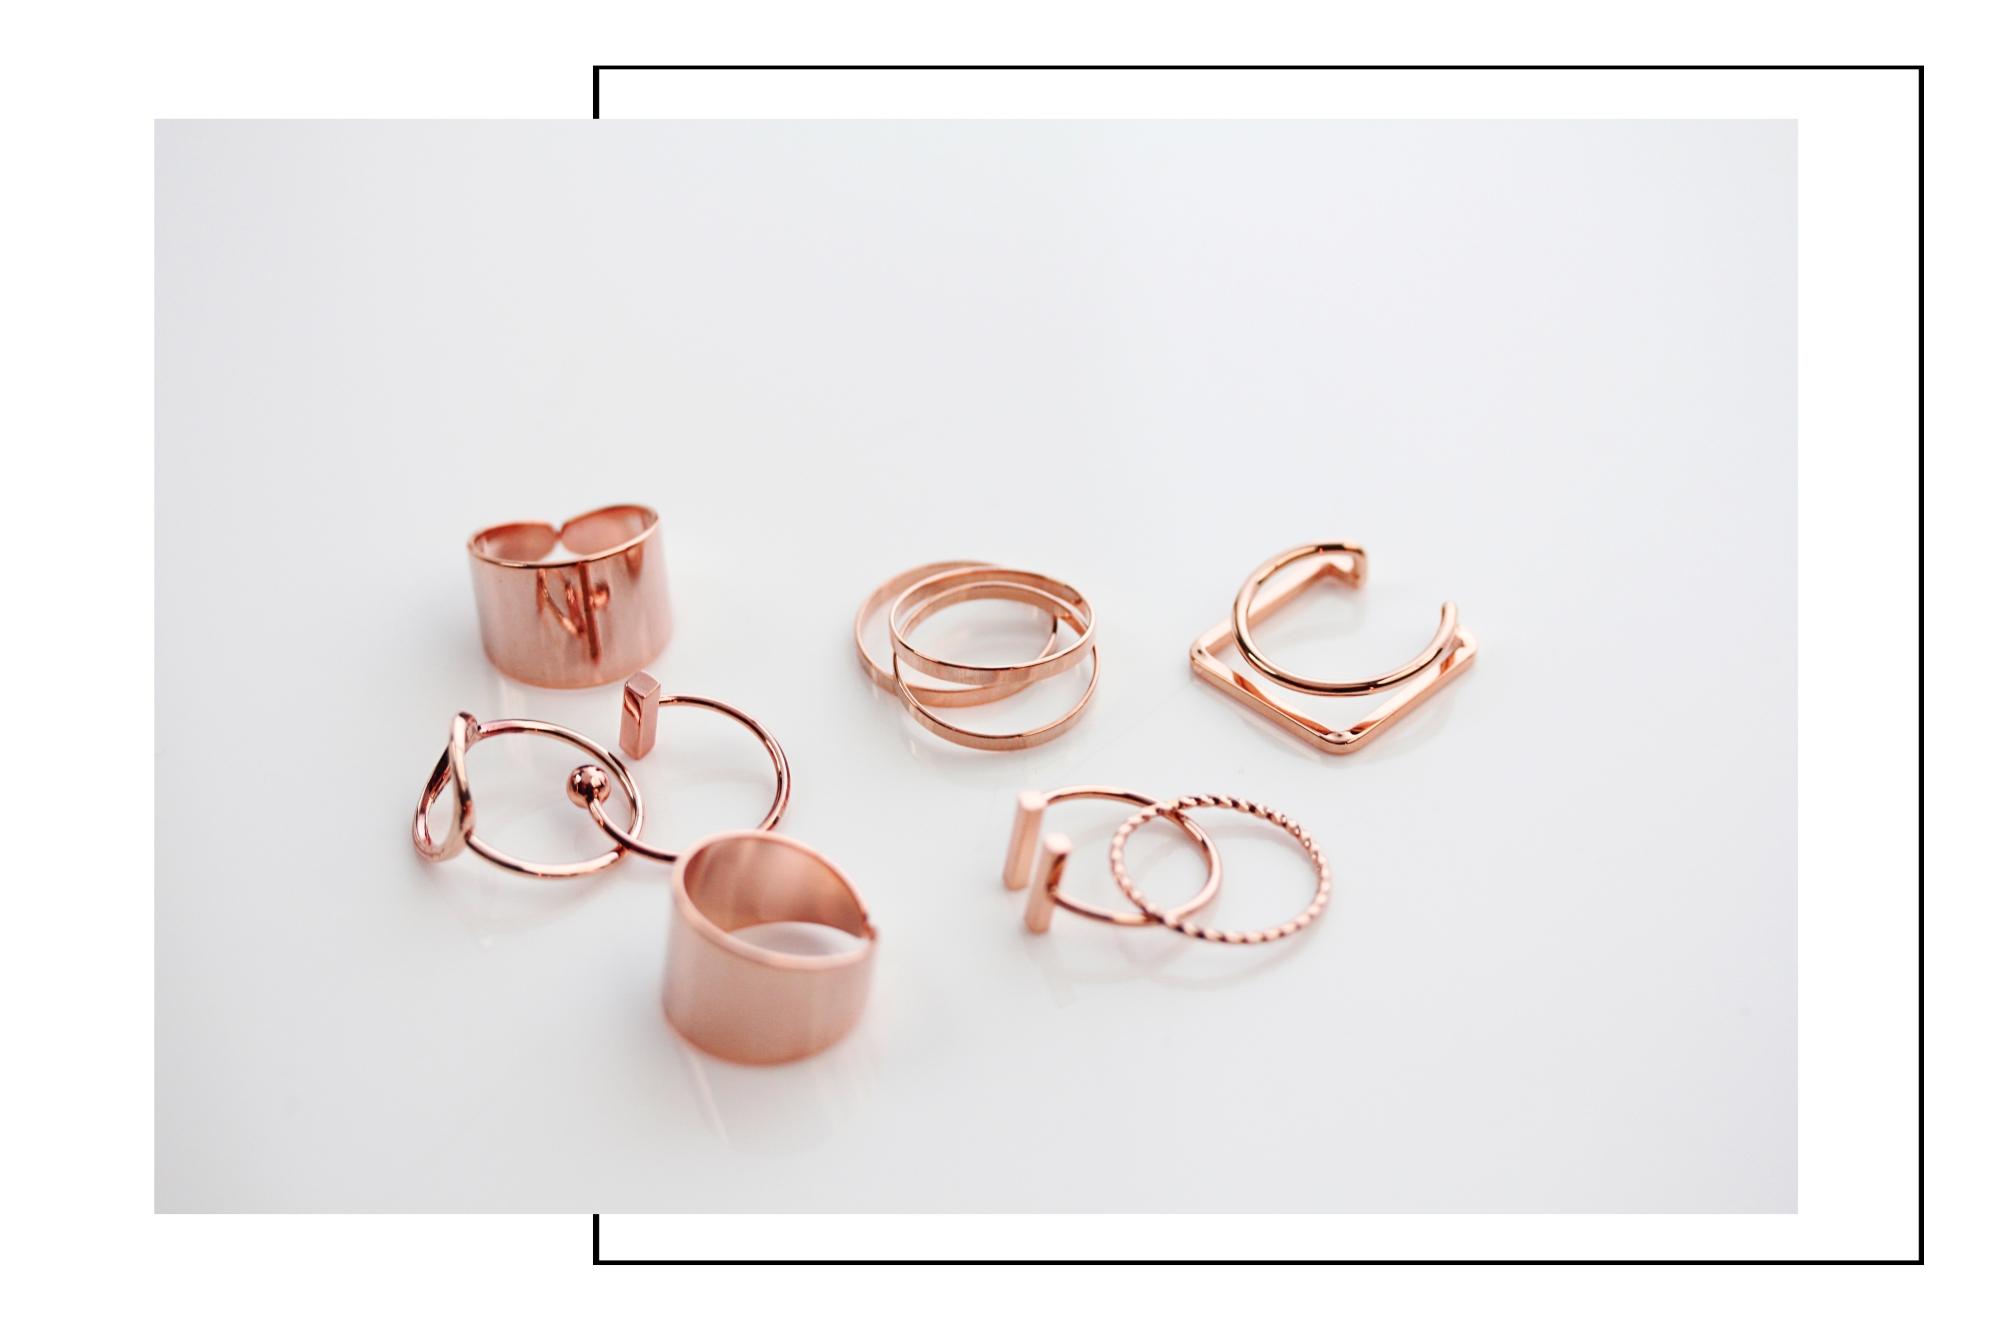 günstige Rotgold Ringe online bestellen Madeleine Issing